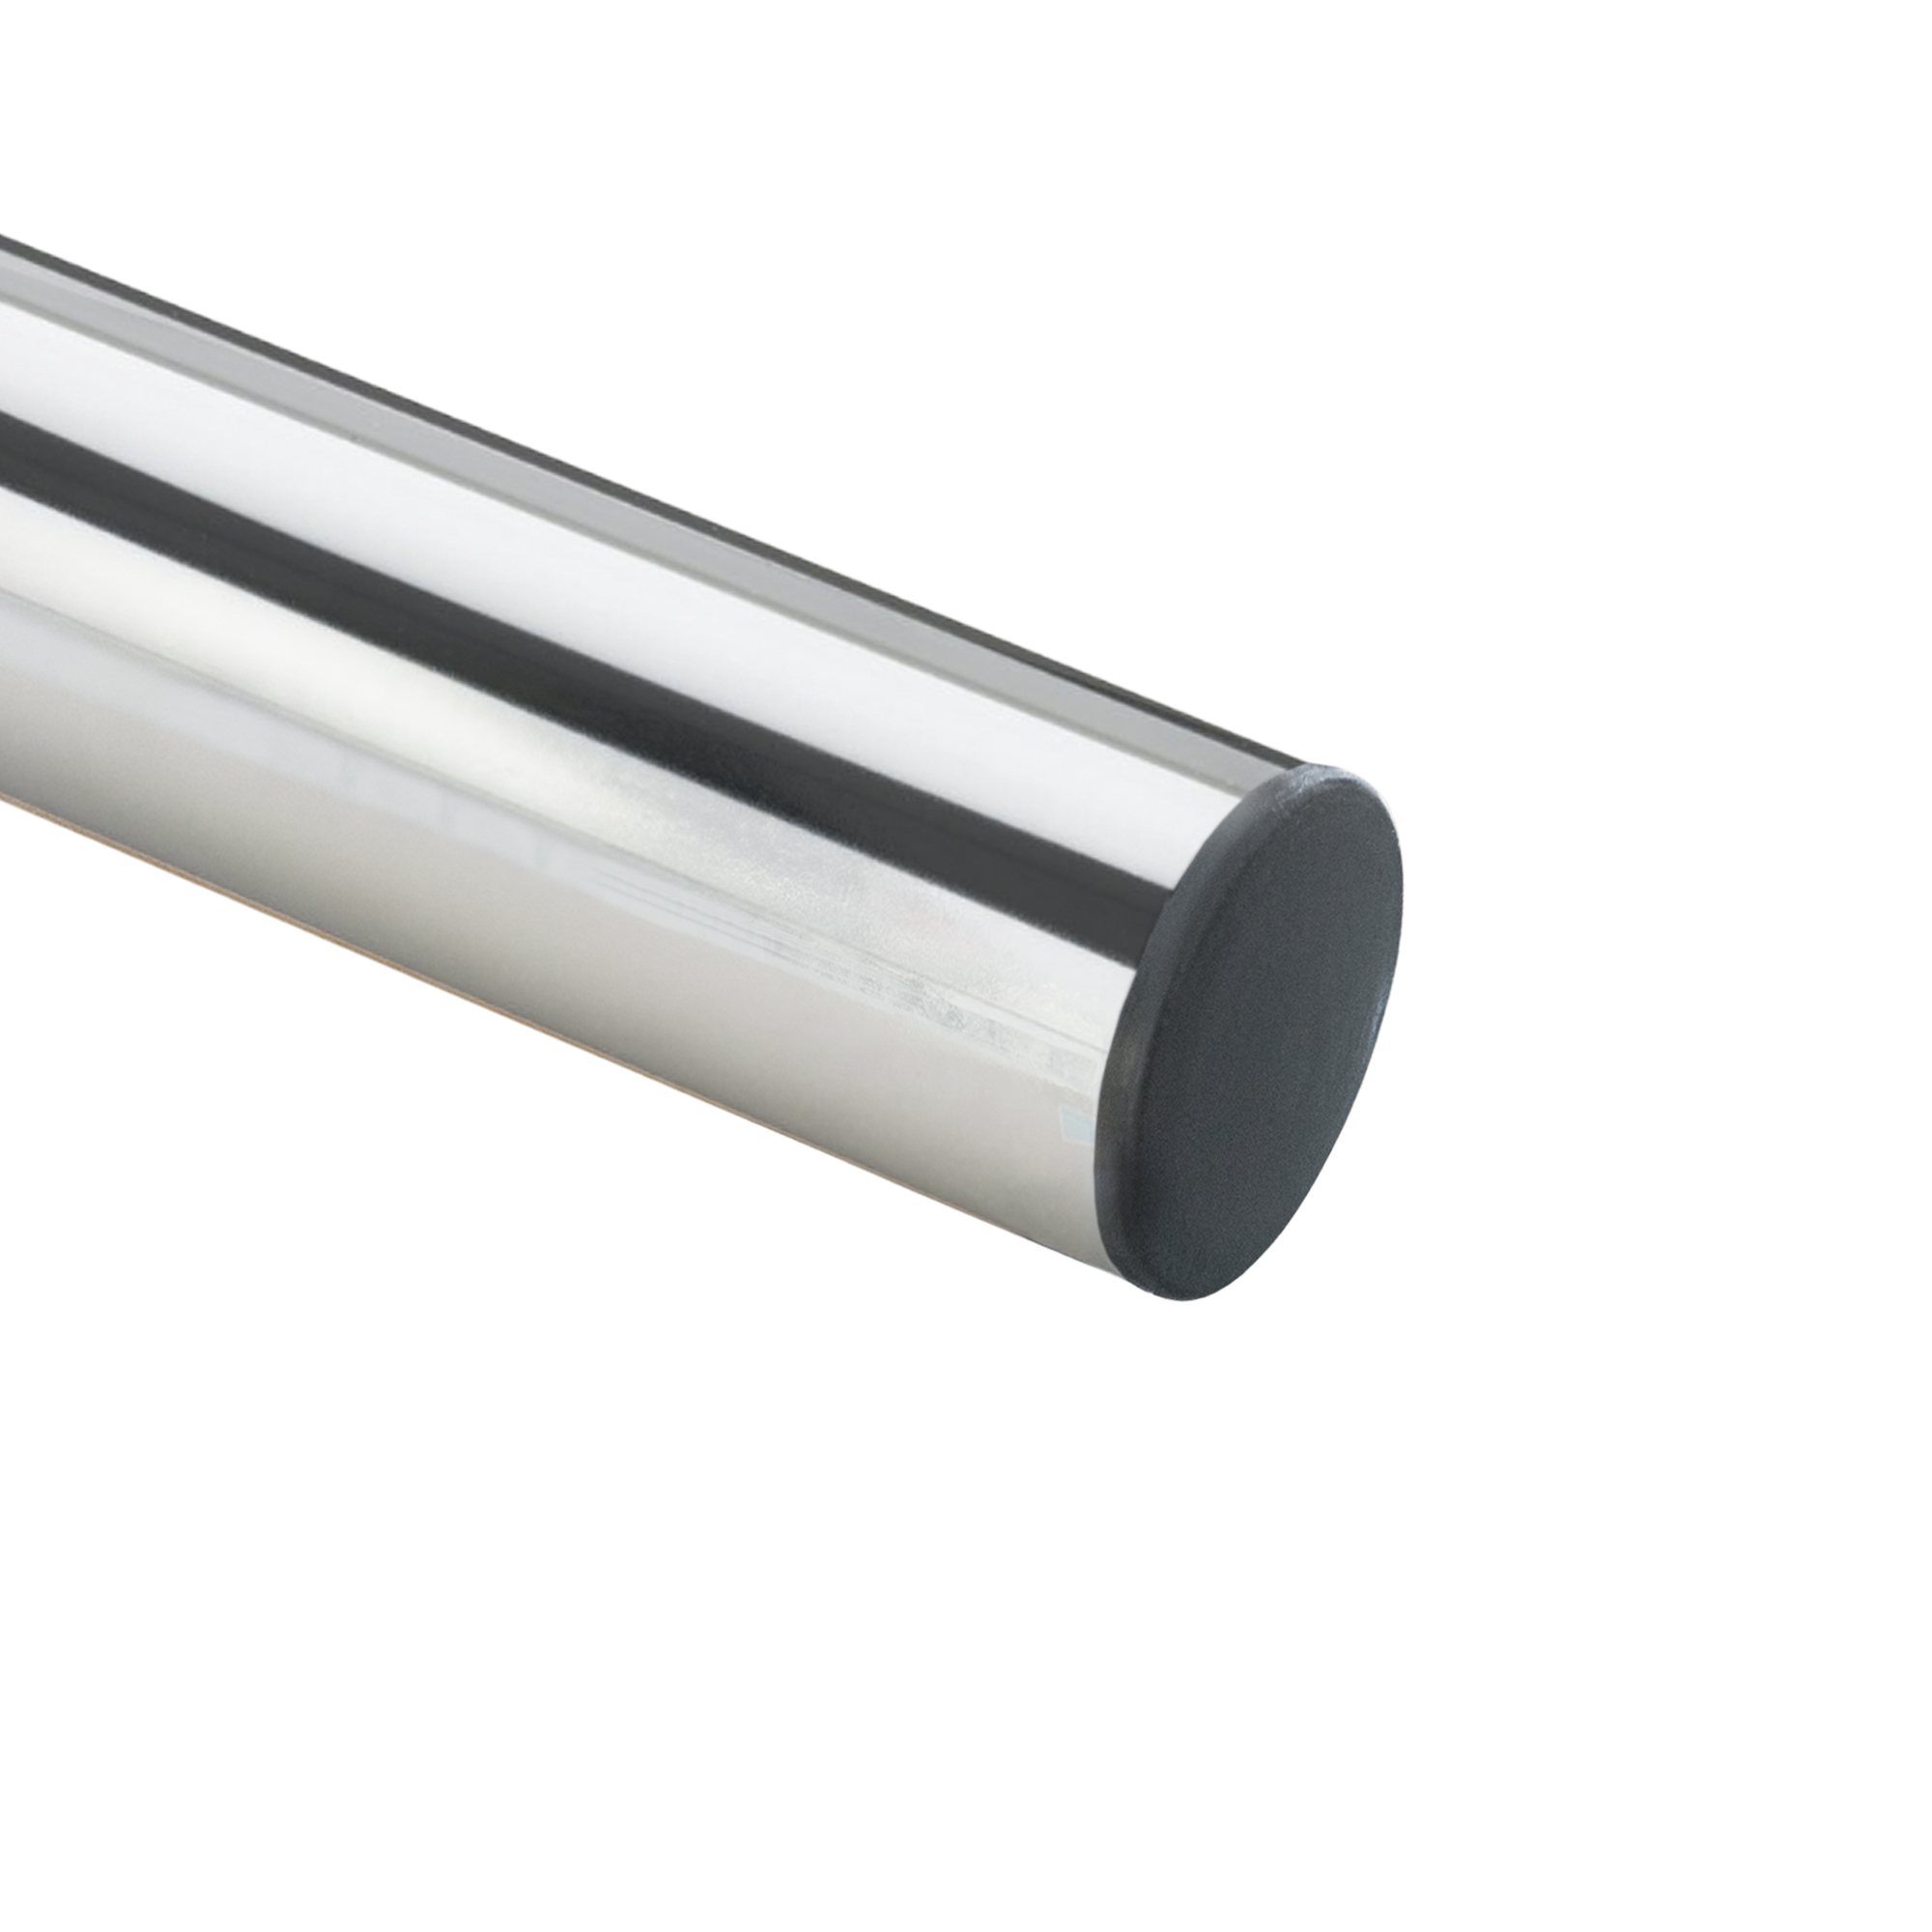 PremiumX DELUXE X90-48C Dachsparrenhalter 90cm Chrom Mast 48mm SAT Dach Halterung Sparrenhalter mit Kabeldurchführung